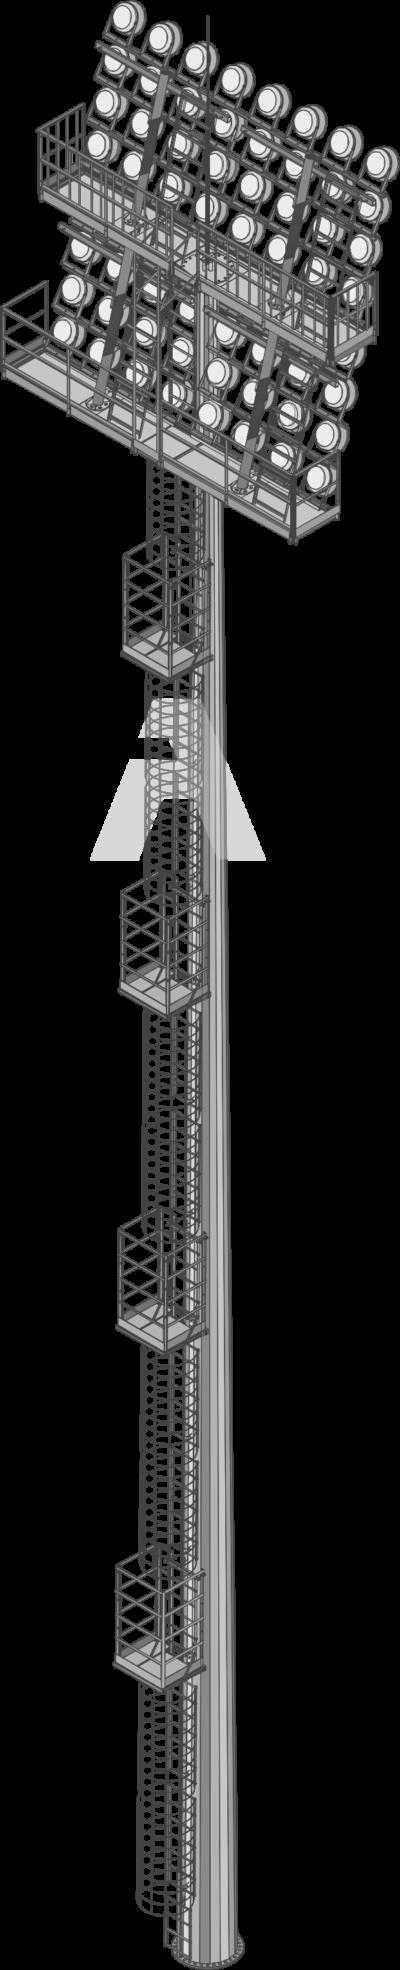 Стадионные прожекторные мачты со стационарной короной (ВМОН)